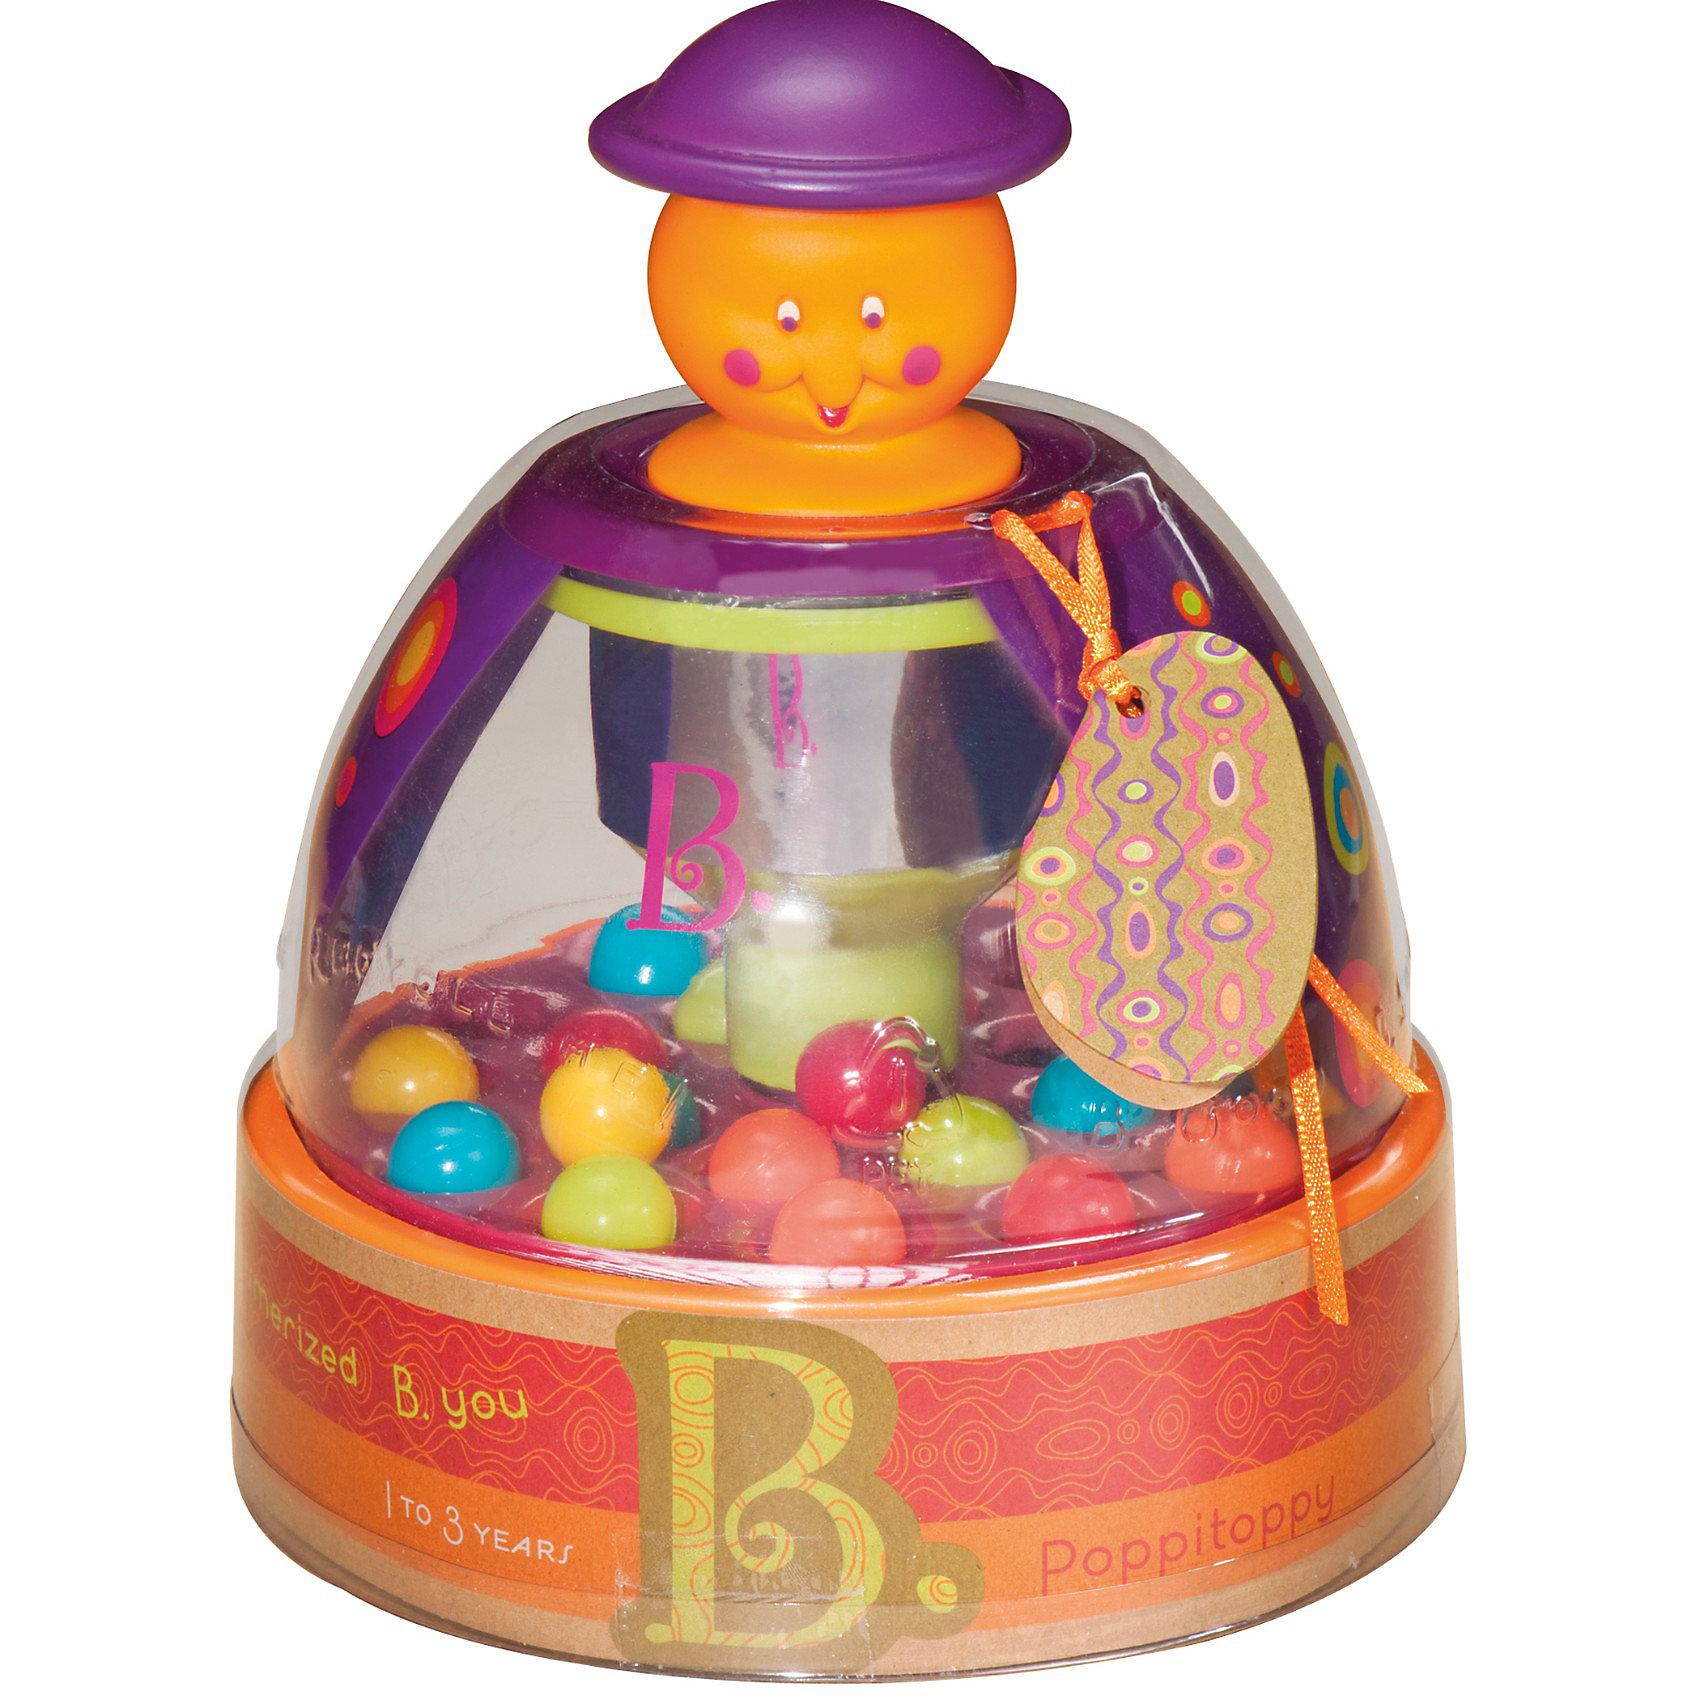 Юла Прыгающие шарики, B DOTРазвивающие игрушки<br>Юла - любимая игрушка многих детей. Эта игра очень удобна - ее можно брать с собой в дорогу, благодаря продуманной форме хранится она очень компактно. Она развивает также мелкую моторику, внимание и цветовосприятие. Такая игра надолго занимает детей и помогает увлекательно провести время!<br>В юле шарики начнут прыгать, когда жмешь на крышку, и останавливаются не сразу. Движение шариков увлекает ребенка - когда они падают, слышится приятный звук. Игра разработана опытными специалистами, сделана из высококачественных материалов, безопасных для детей.<br><br>Дополнительная информация:<br><br>материал: пластик;<br>размер: 28 х 19 х 16,5 см.<br><br>Игрушку Юла Прыгающие шарики от компании B DOT можно купить в нашем магазине.<br><br>Ширина мм: 150<br>Глубина мм: 150<br>Высота мм: 180<br>Вес г: 650<br>Возраст от месяцев: 12<br>Возраст до месяцев: 36<br>Пол: Унисекс<br>Возраст: Детский<br>SKU: 2329023